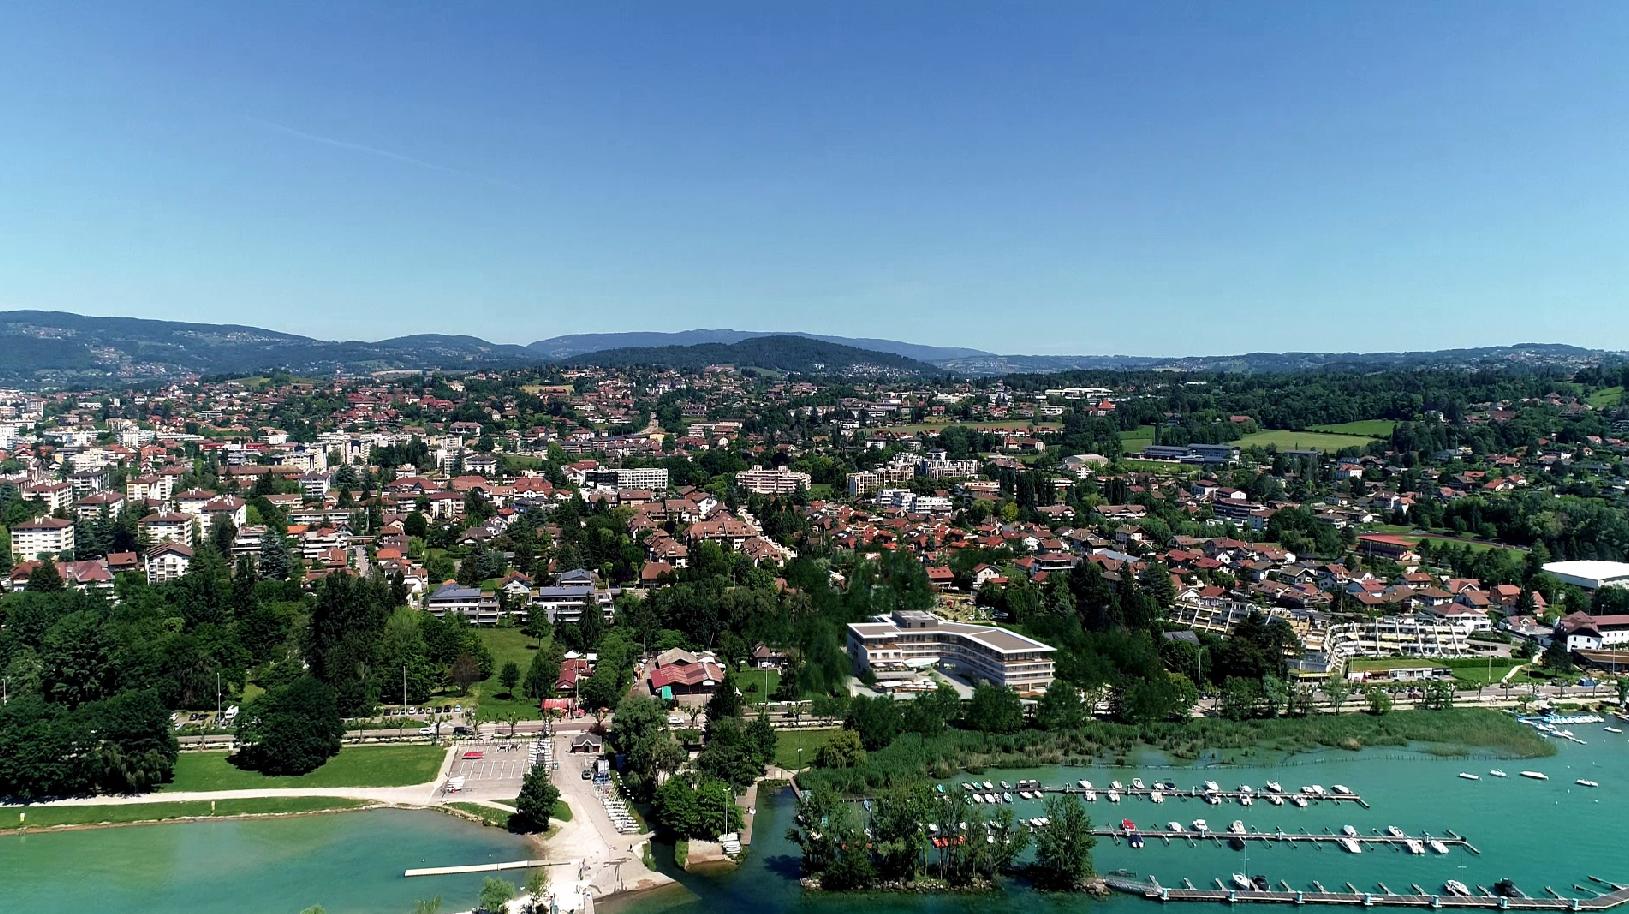 Vue aérienne de l'Hôtel Rivage Au Bord Du Lac d'Annecy